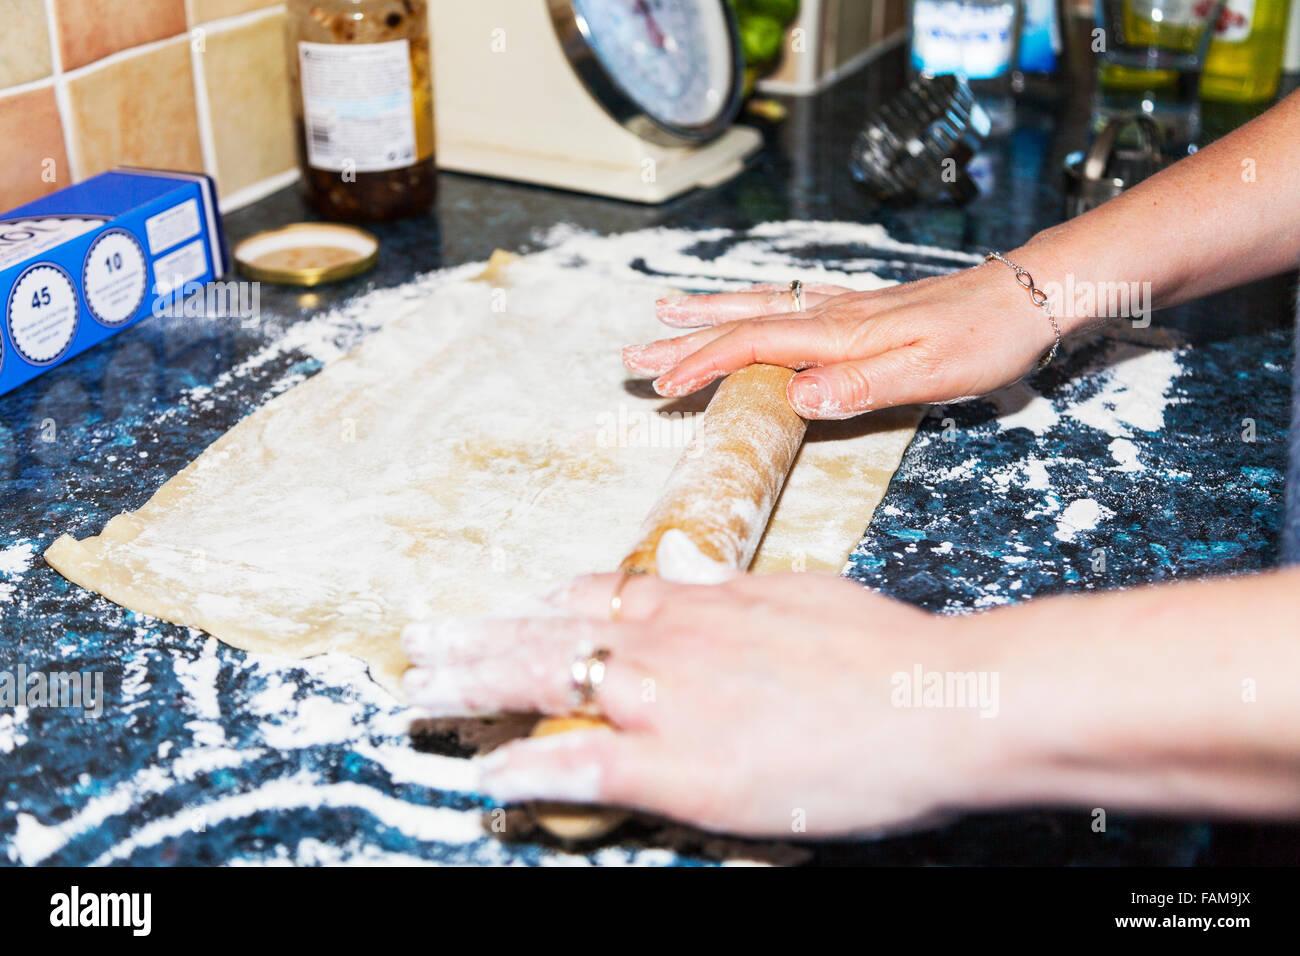 Rotolare fuori la pasticceria pin laminato foglio pronto per fiori da taglio piano cucina forno di cottura appena Immagini Stock